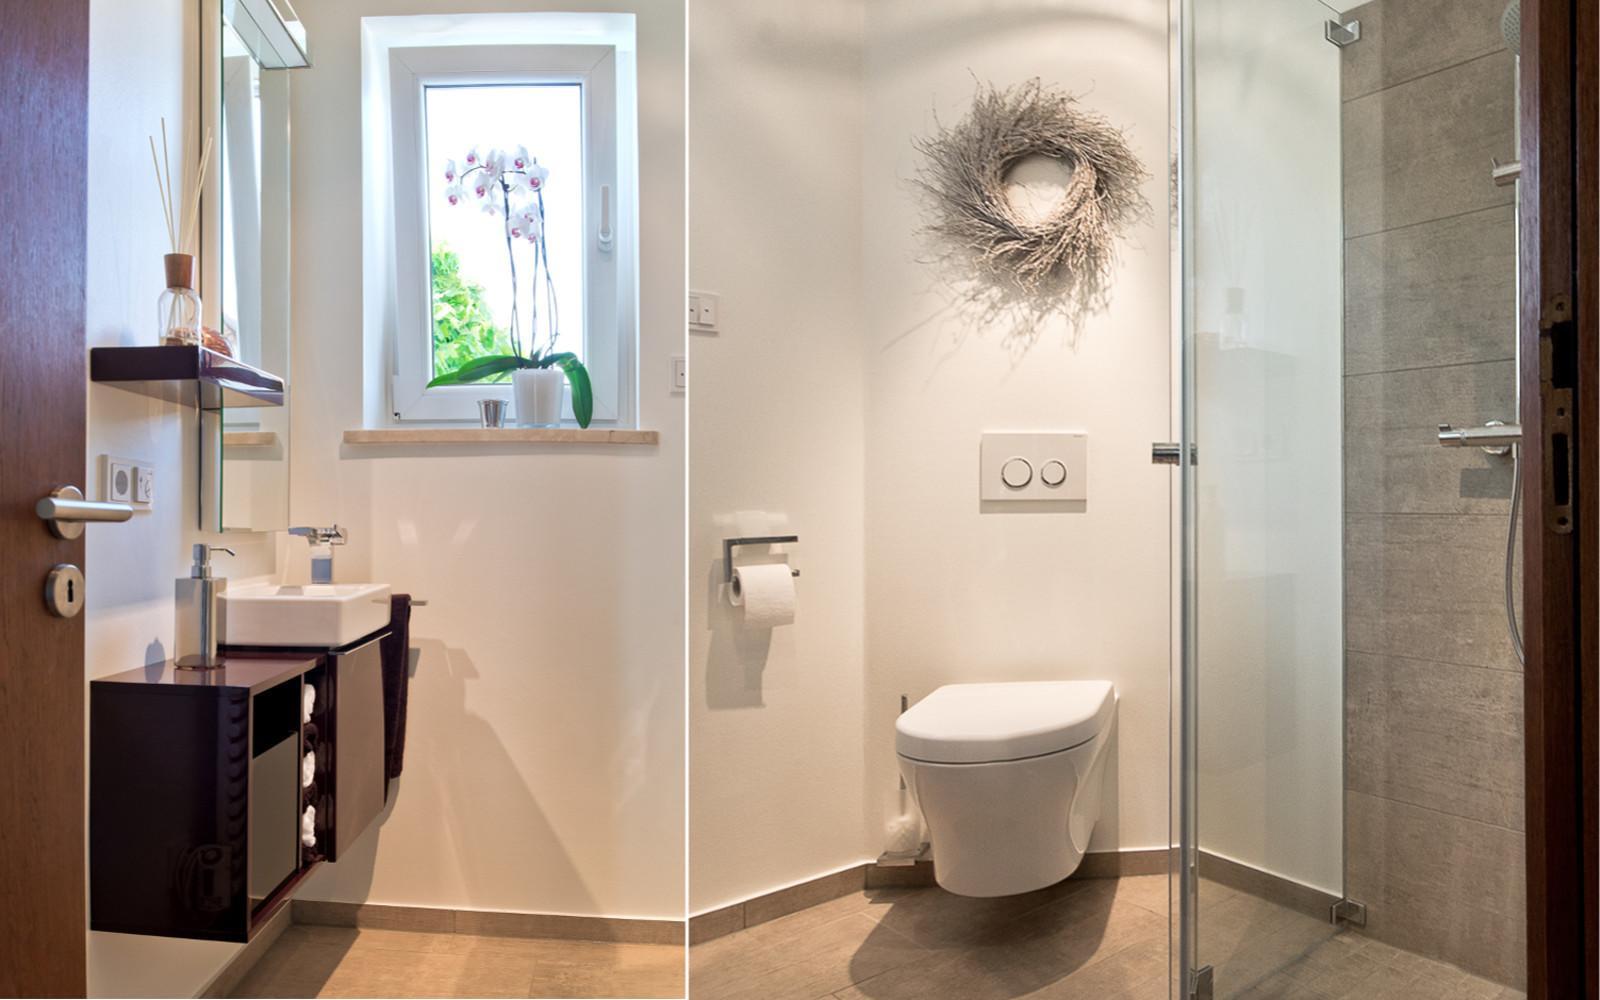 Wc Dusche  Dusche im Gäste WC Kreuz Schnaittach